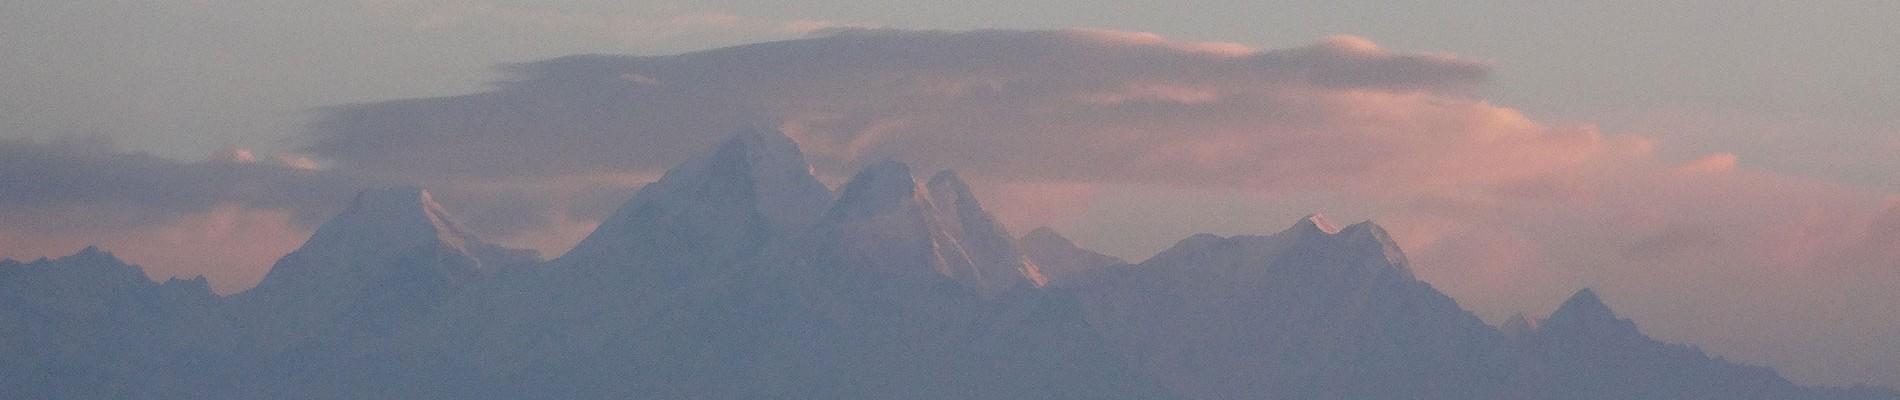 8d Nepal Panorama